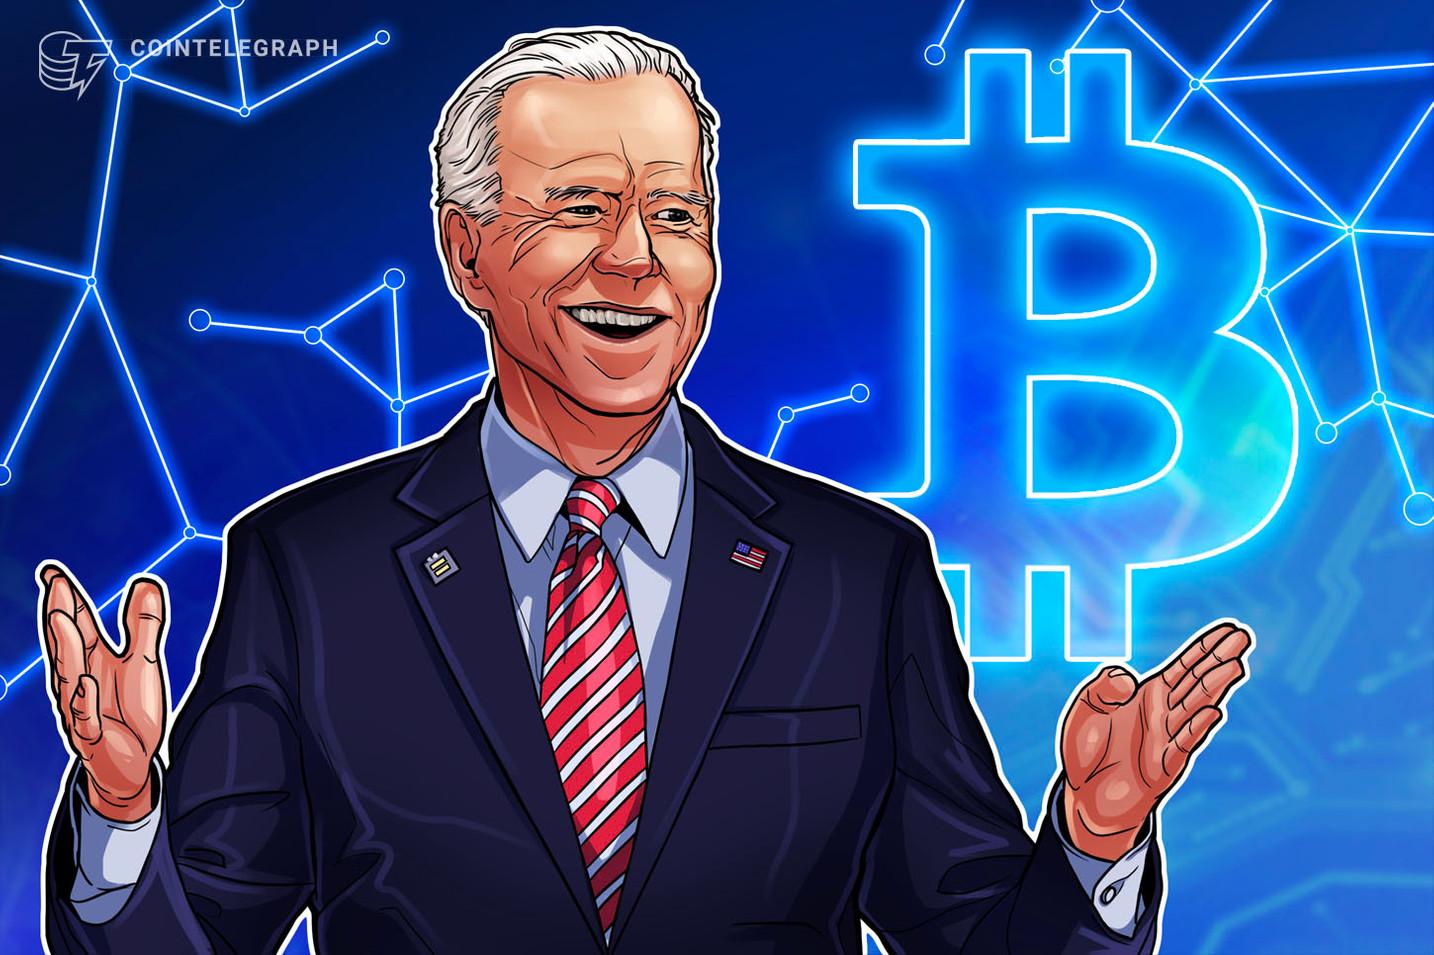 Wie sich die Wahl von Joe Biden kurzfristig auf Bitcoin auswirken könnte